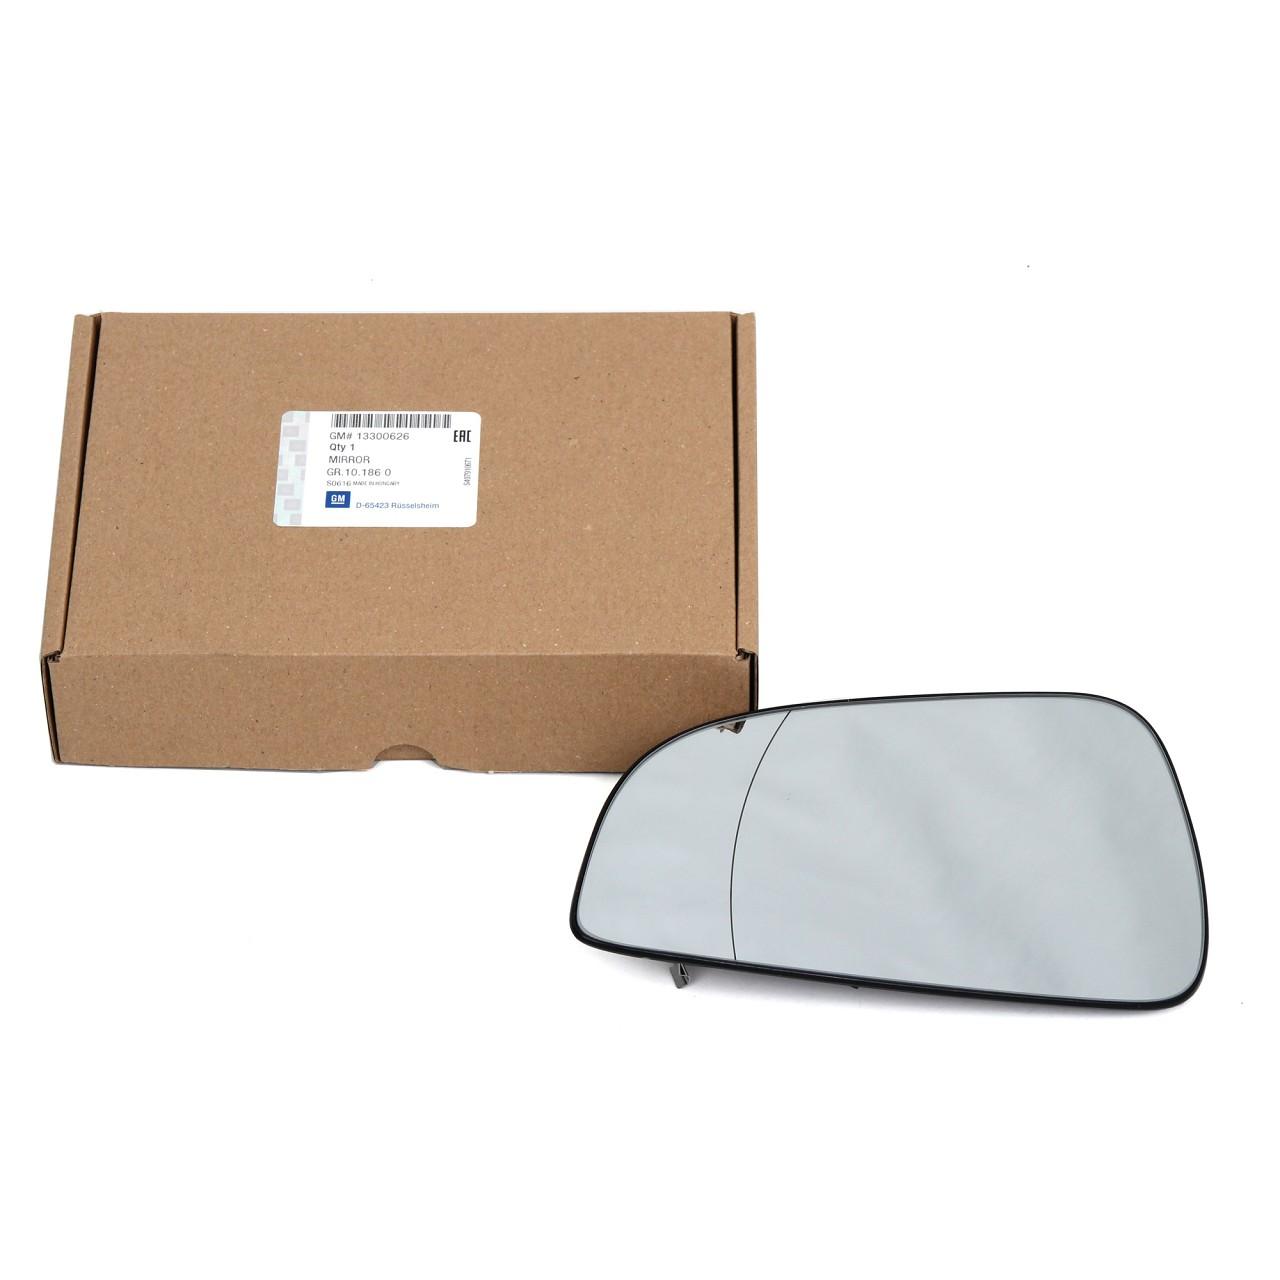 ORIGINAL GM Opel Außenspiegel Spiegelglas ASTRA H links 13300626